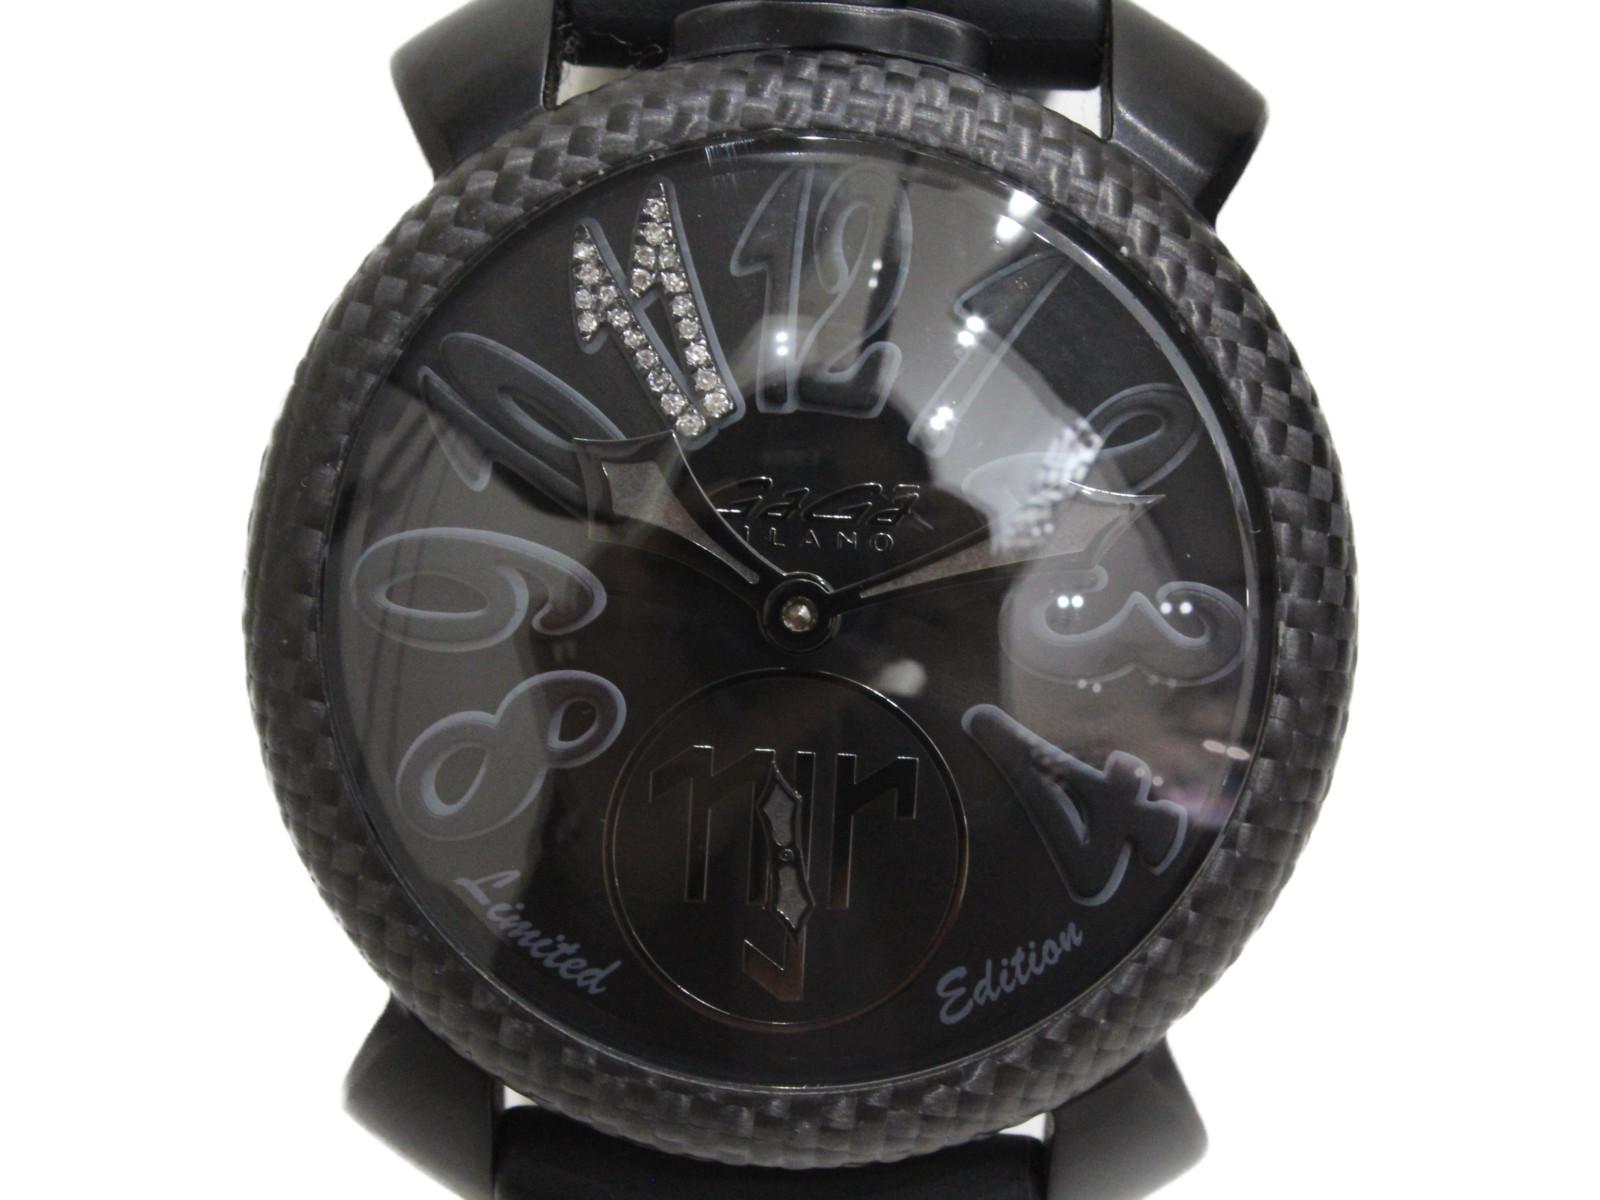 【ネイマールコラボ世界500本限定】GaGamilano ガガミラノ マヌアーレ48MM 手巻き レザーベルト 牛革ベルト ブラック メンズ 腕時計【中古】